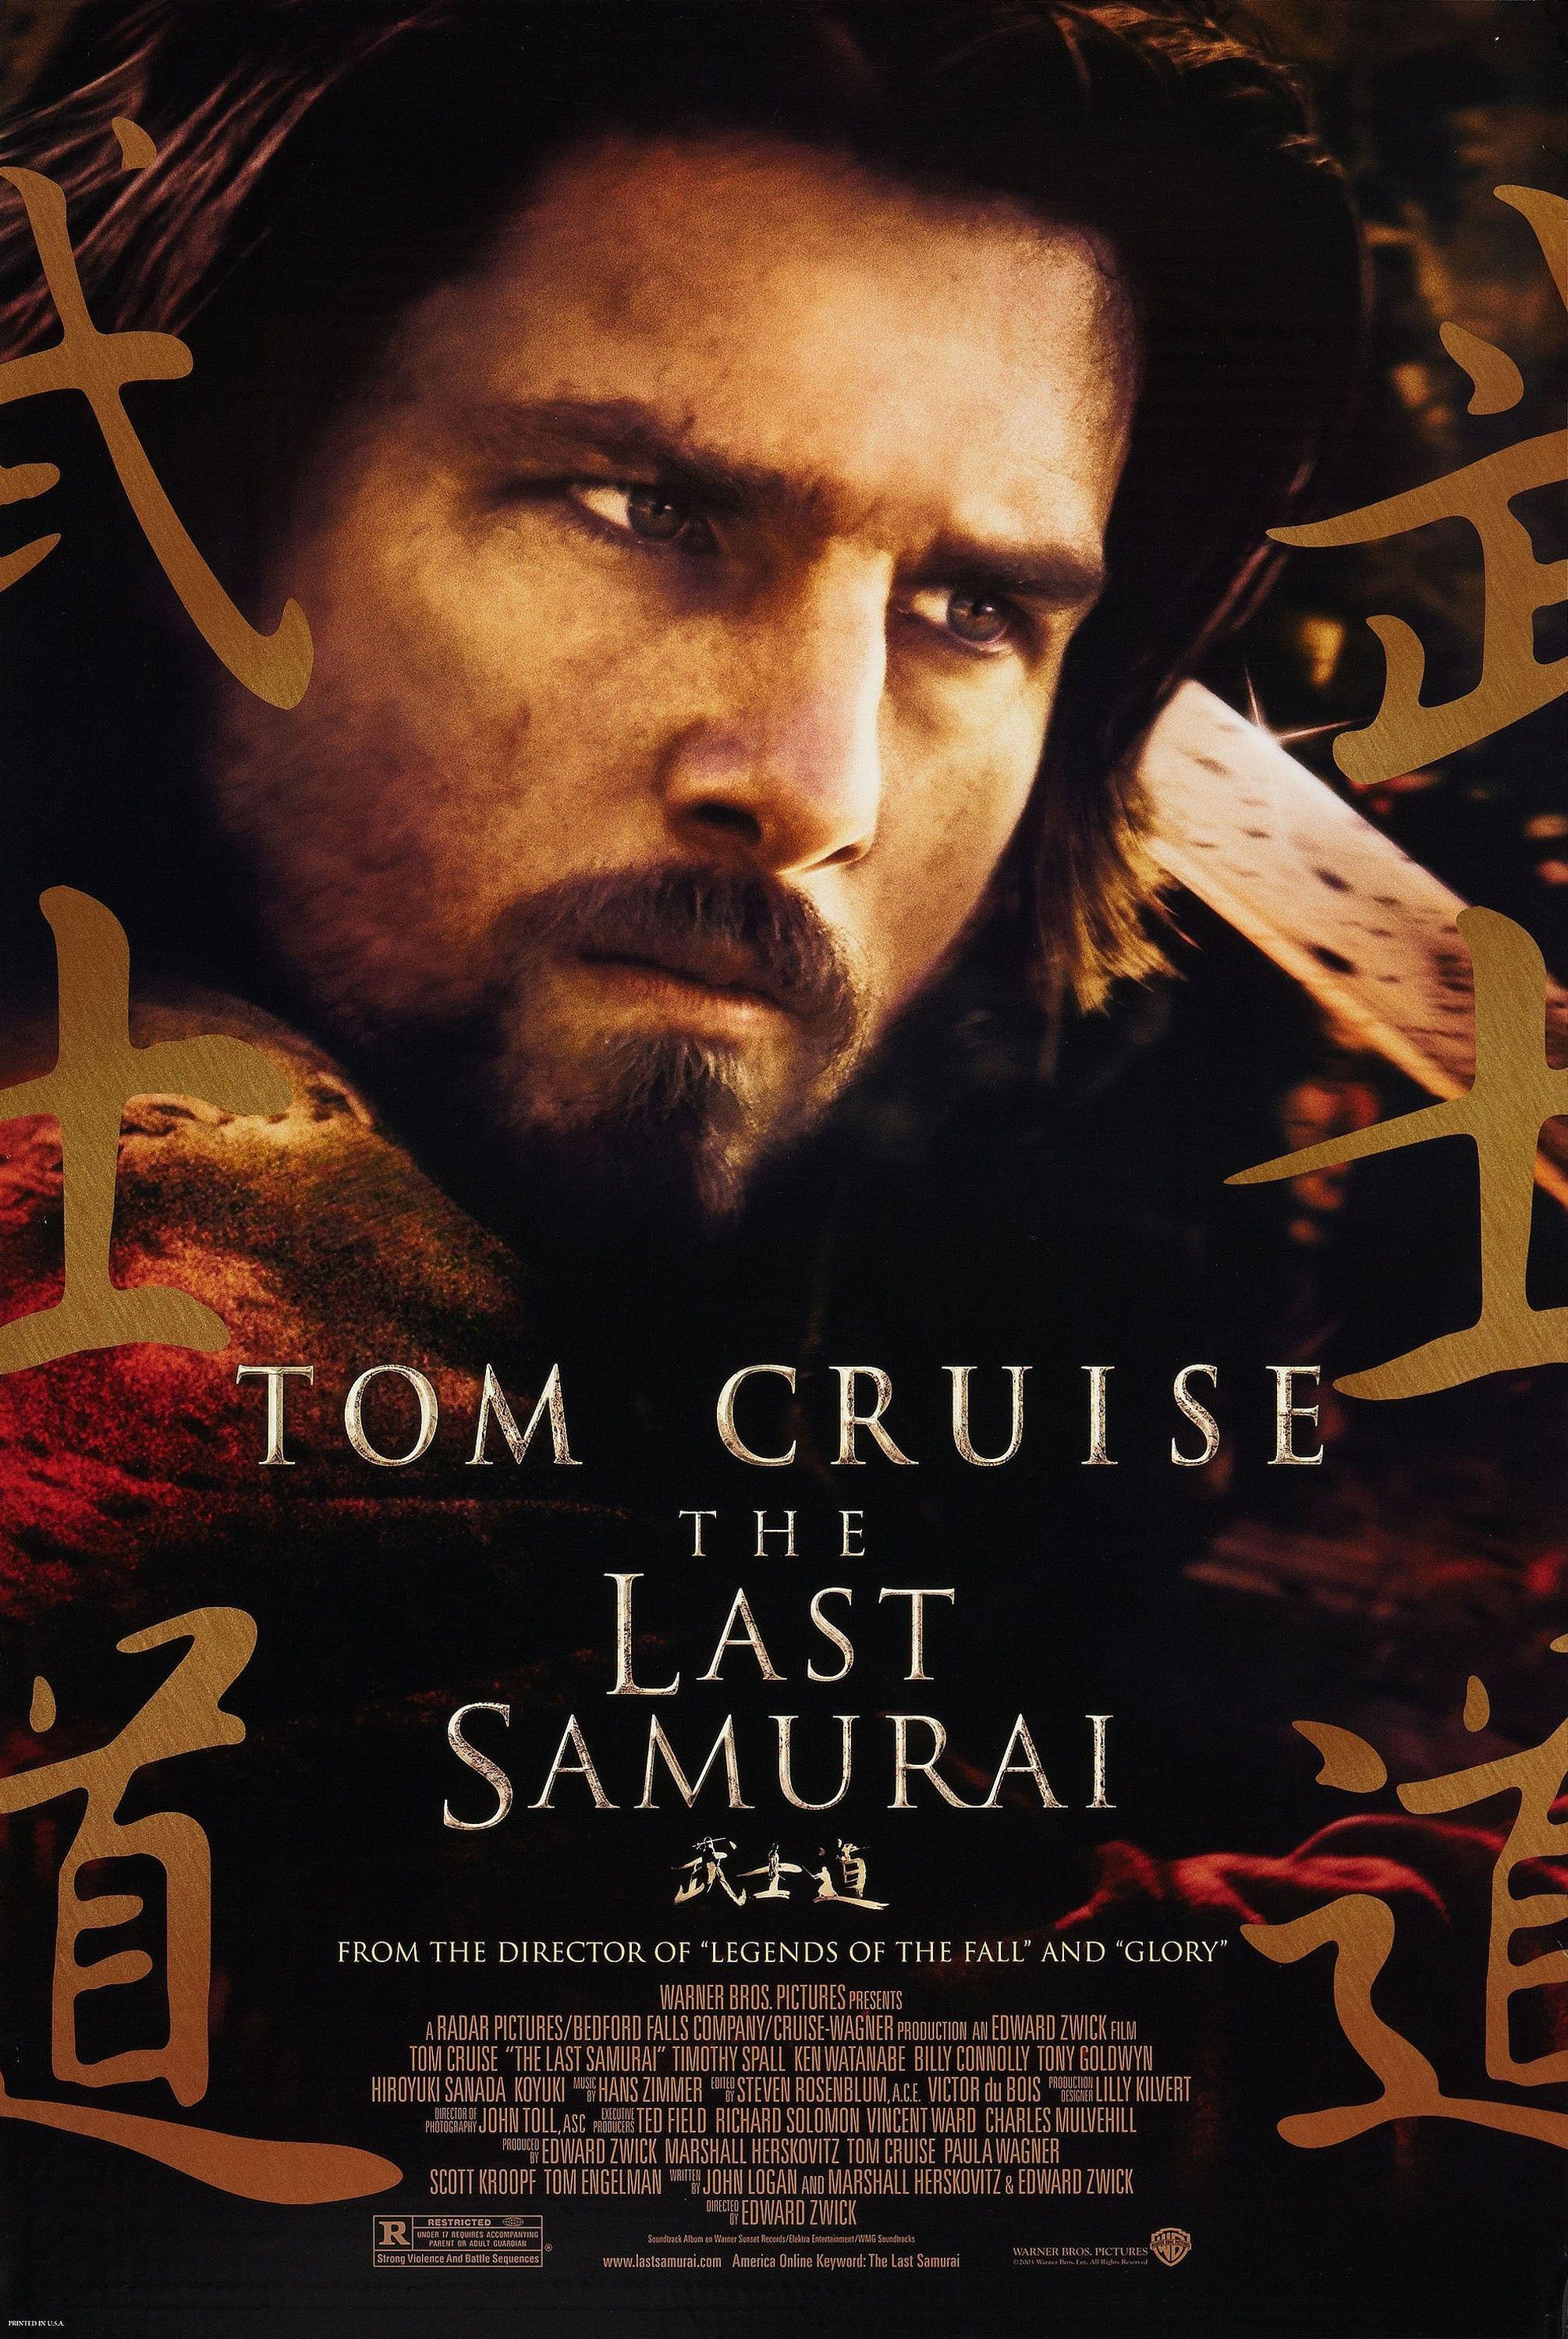 THE LAST SAMURAI The last samurai, Tom cruise, Tom